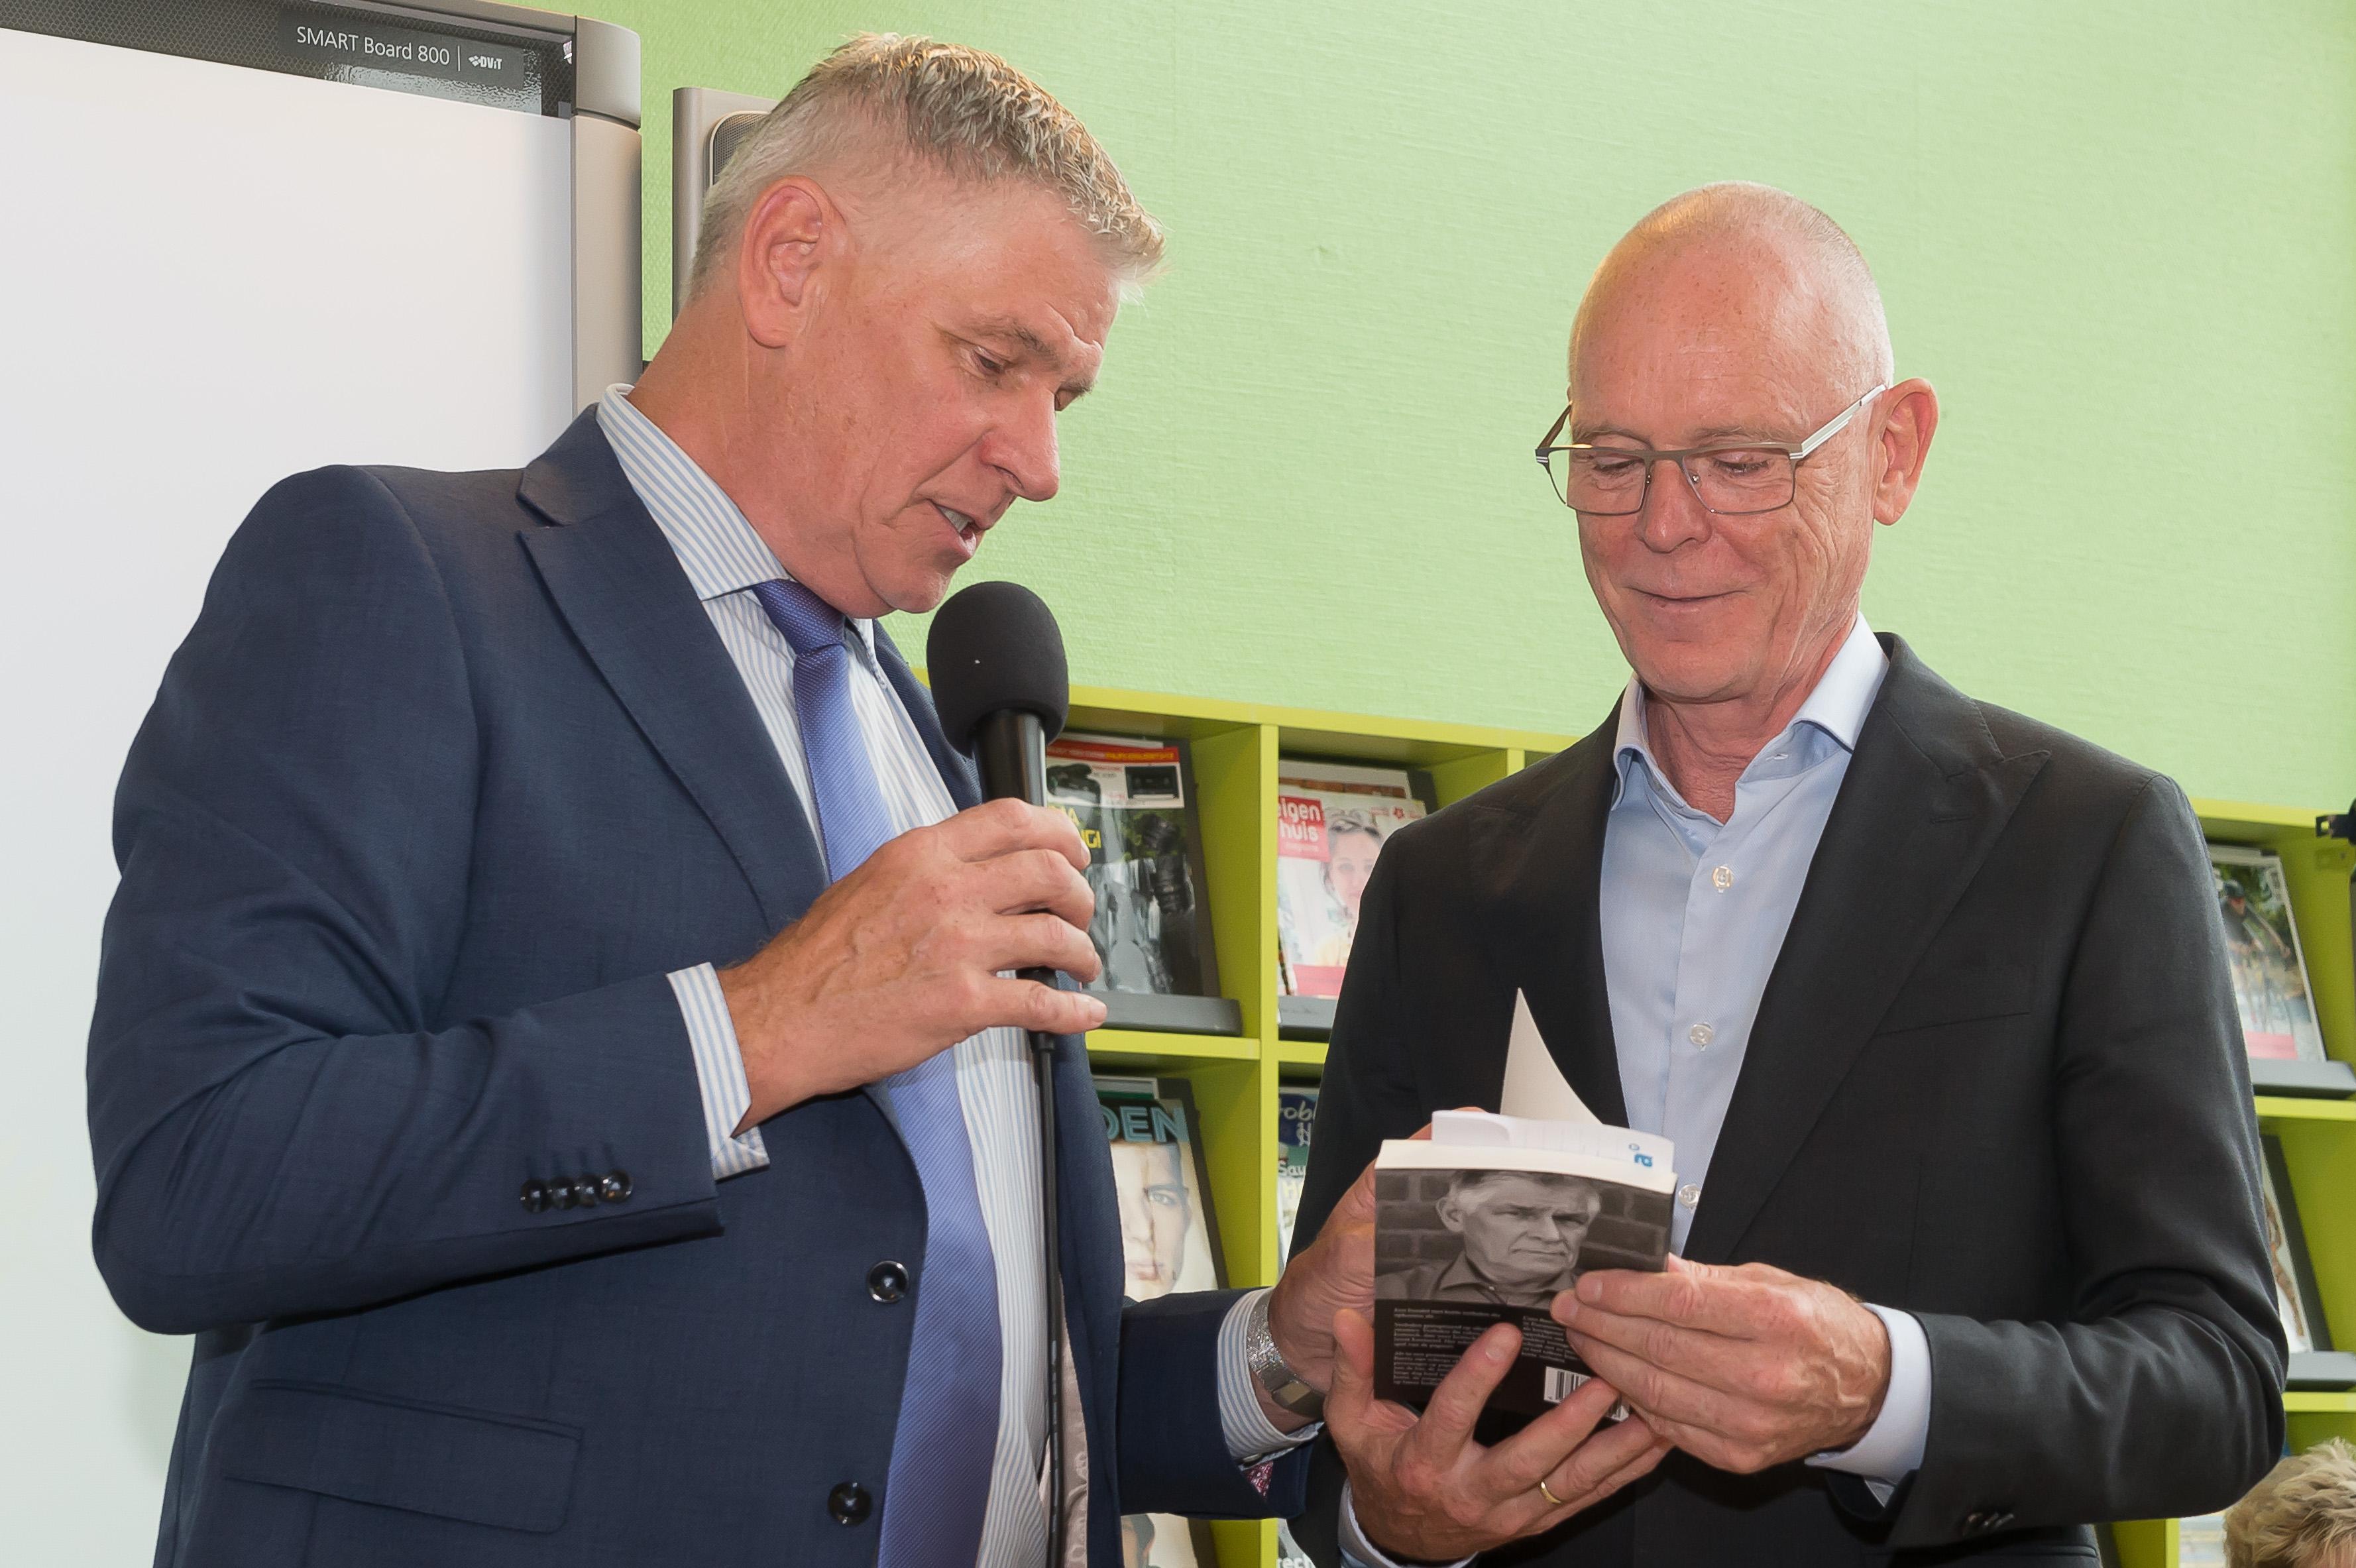 Tv-presentator en programmamaker Cees Grimbergen en Cees Baerts gieren het uit na de onthullingen van de Purmerender. (Foto: Han Giskes) rodi.nl © rodi